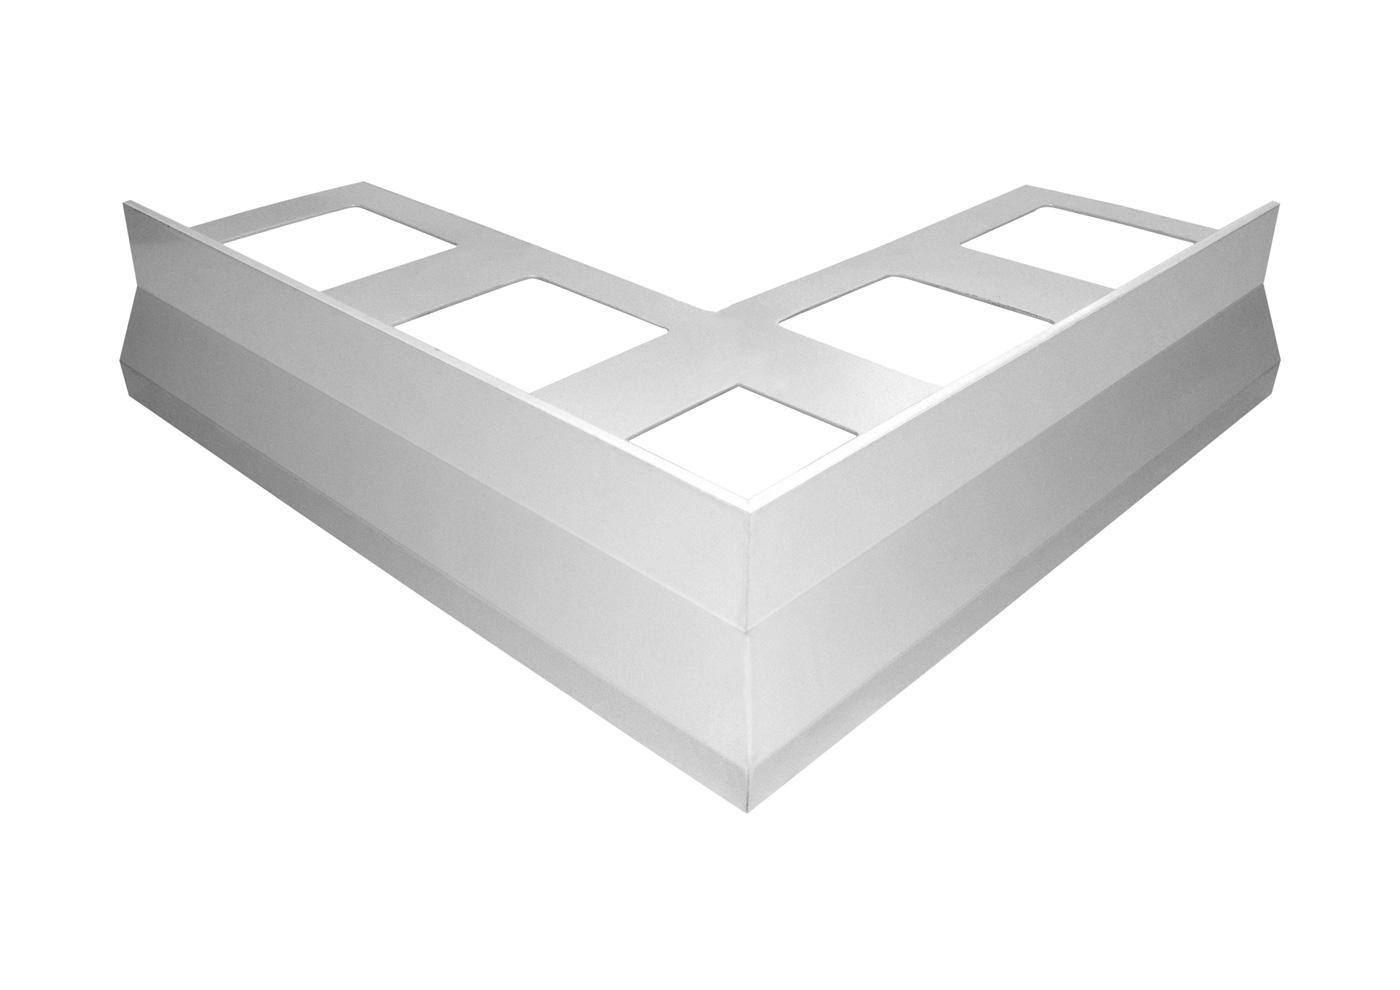 Gocciolatoio NOR per balconi e terrazze in alluminio